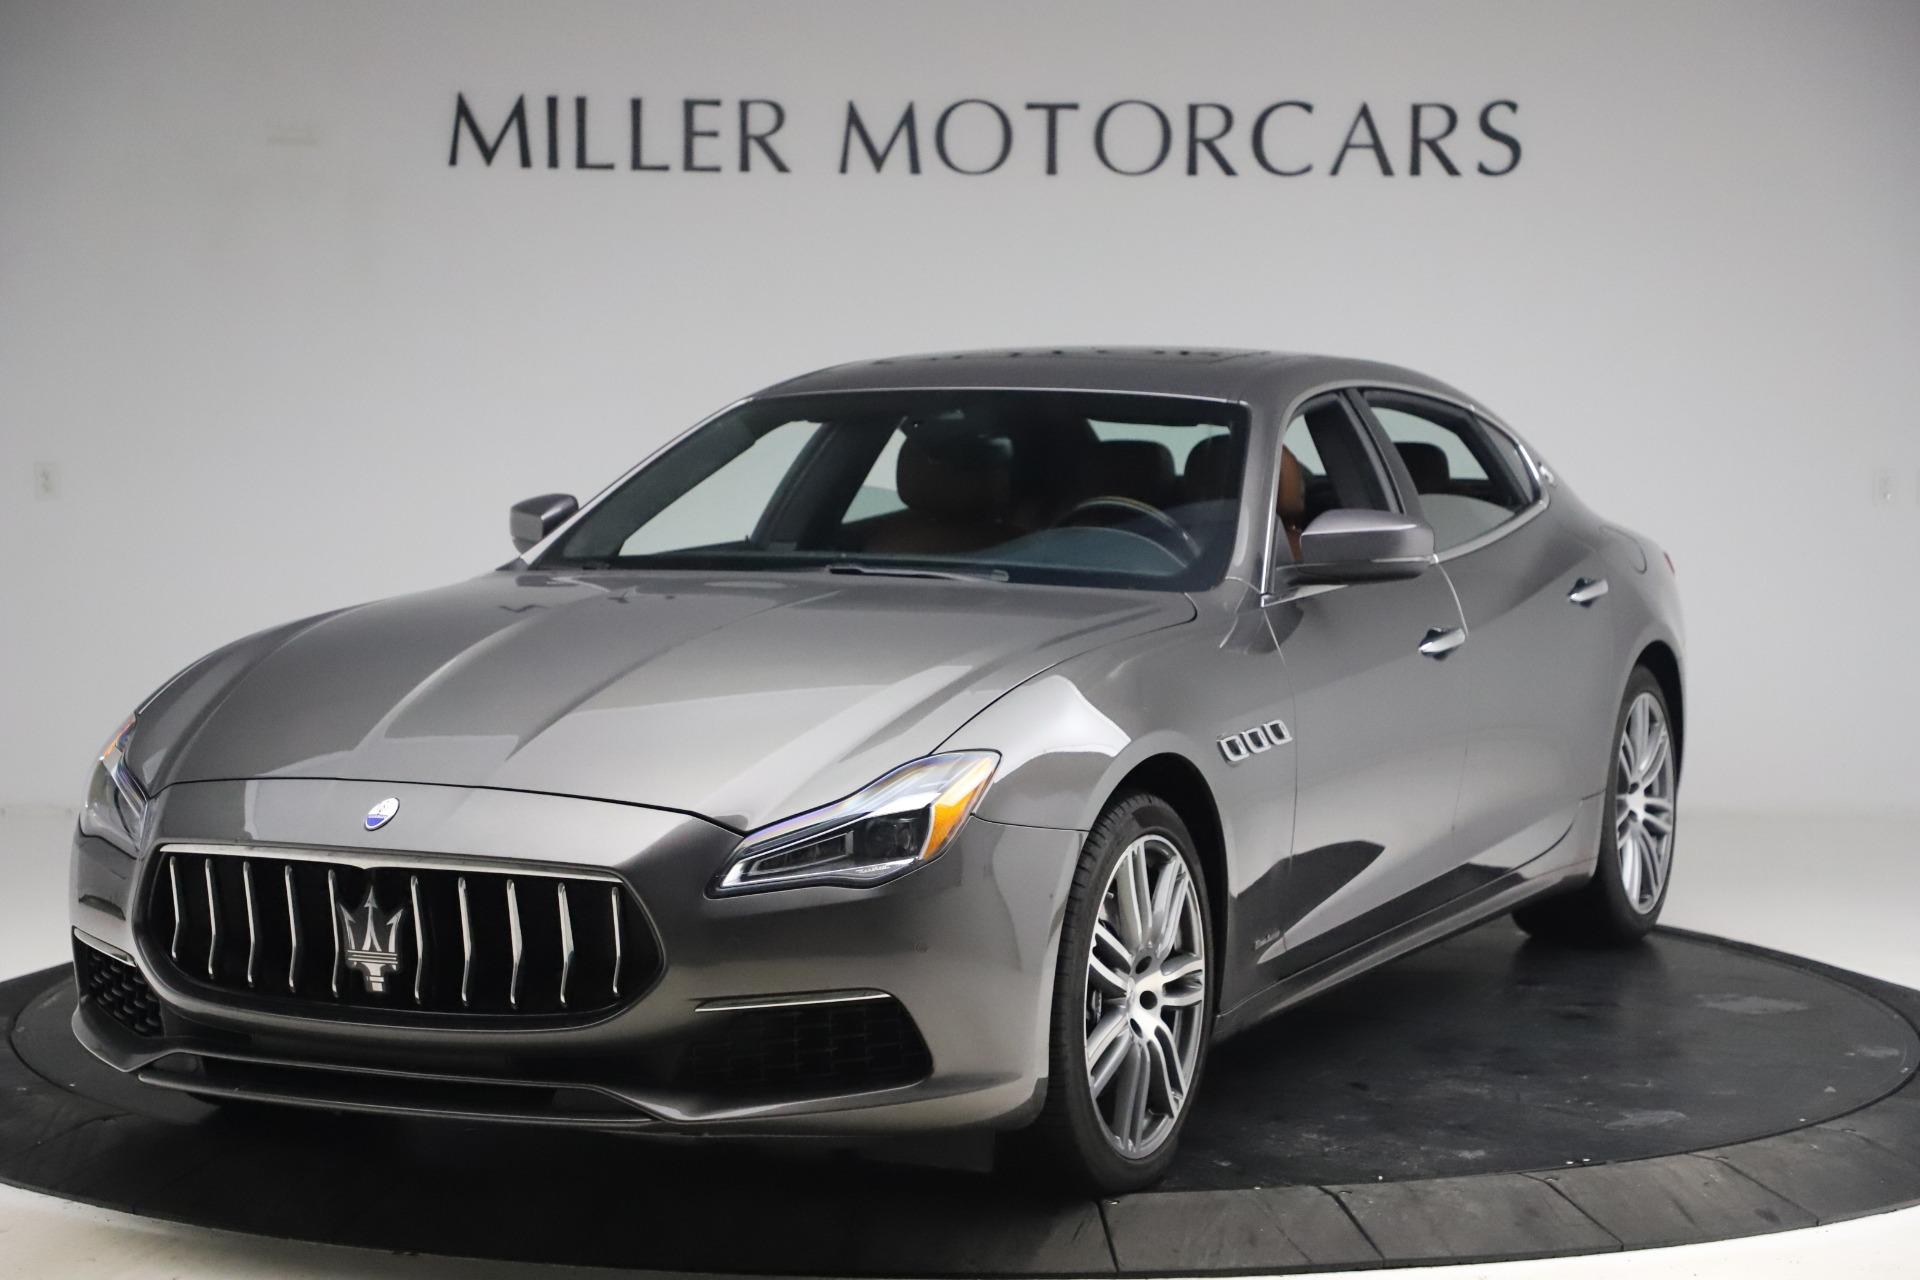 Used 2018 Maserati Quattroporte S Q4 GranLusso for sale $65,900 at Aston Martin of Greenwich in Greenwich CT 06830 1